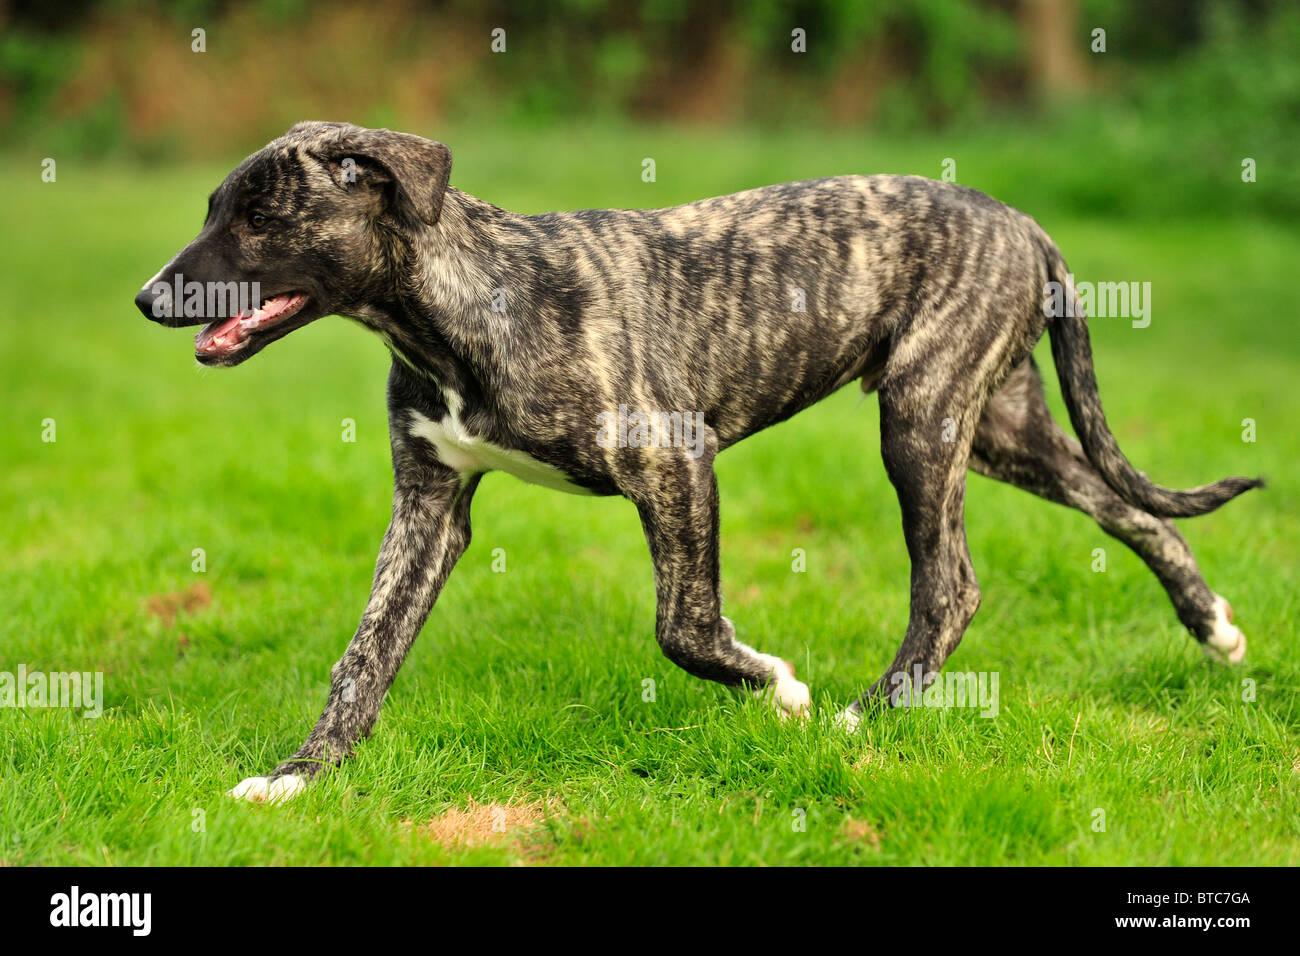 Bull perro Puppy, 14 semanas de edad, al trote Imagen De Stock